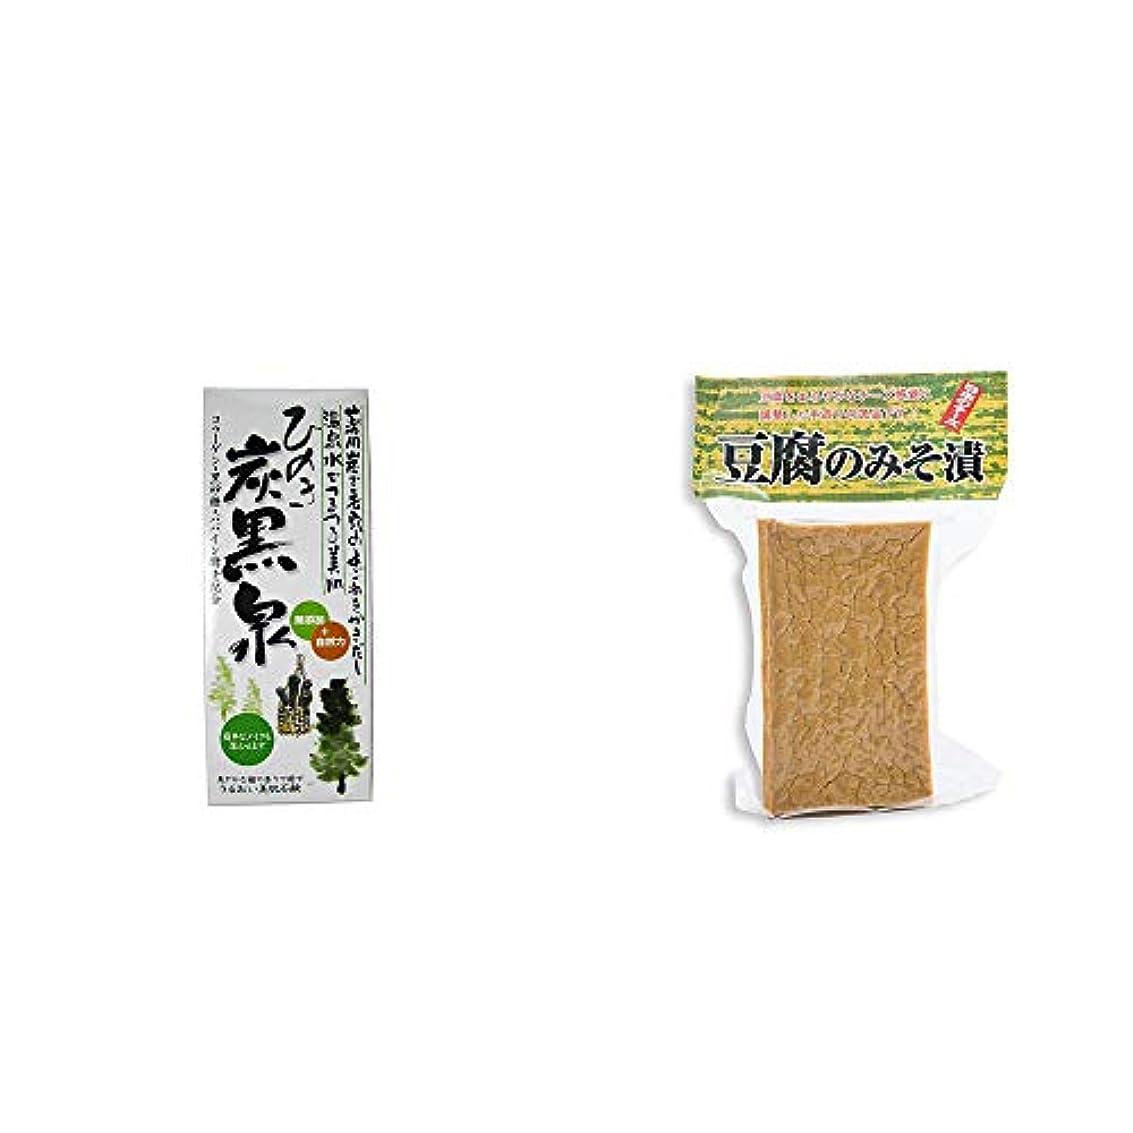 トンエゴマニアディプロマ[2点セット] ひのき炭黒泉 箱入り(75g×3)?日本のチーズ 豆腐のみそ漬(1個入)